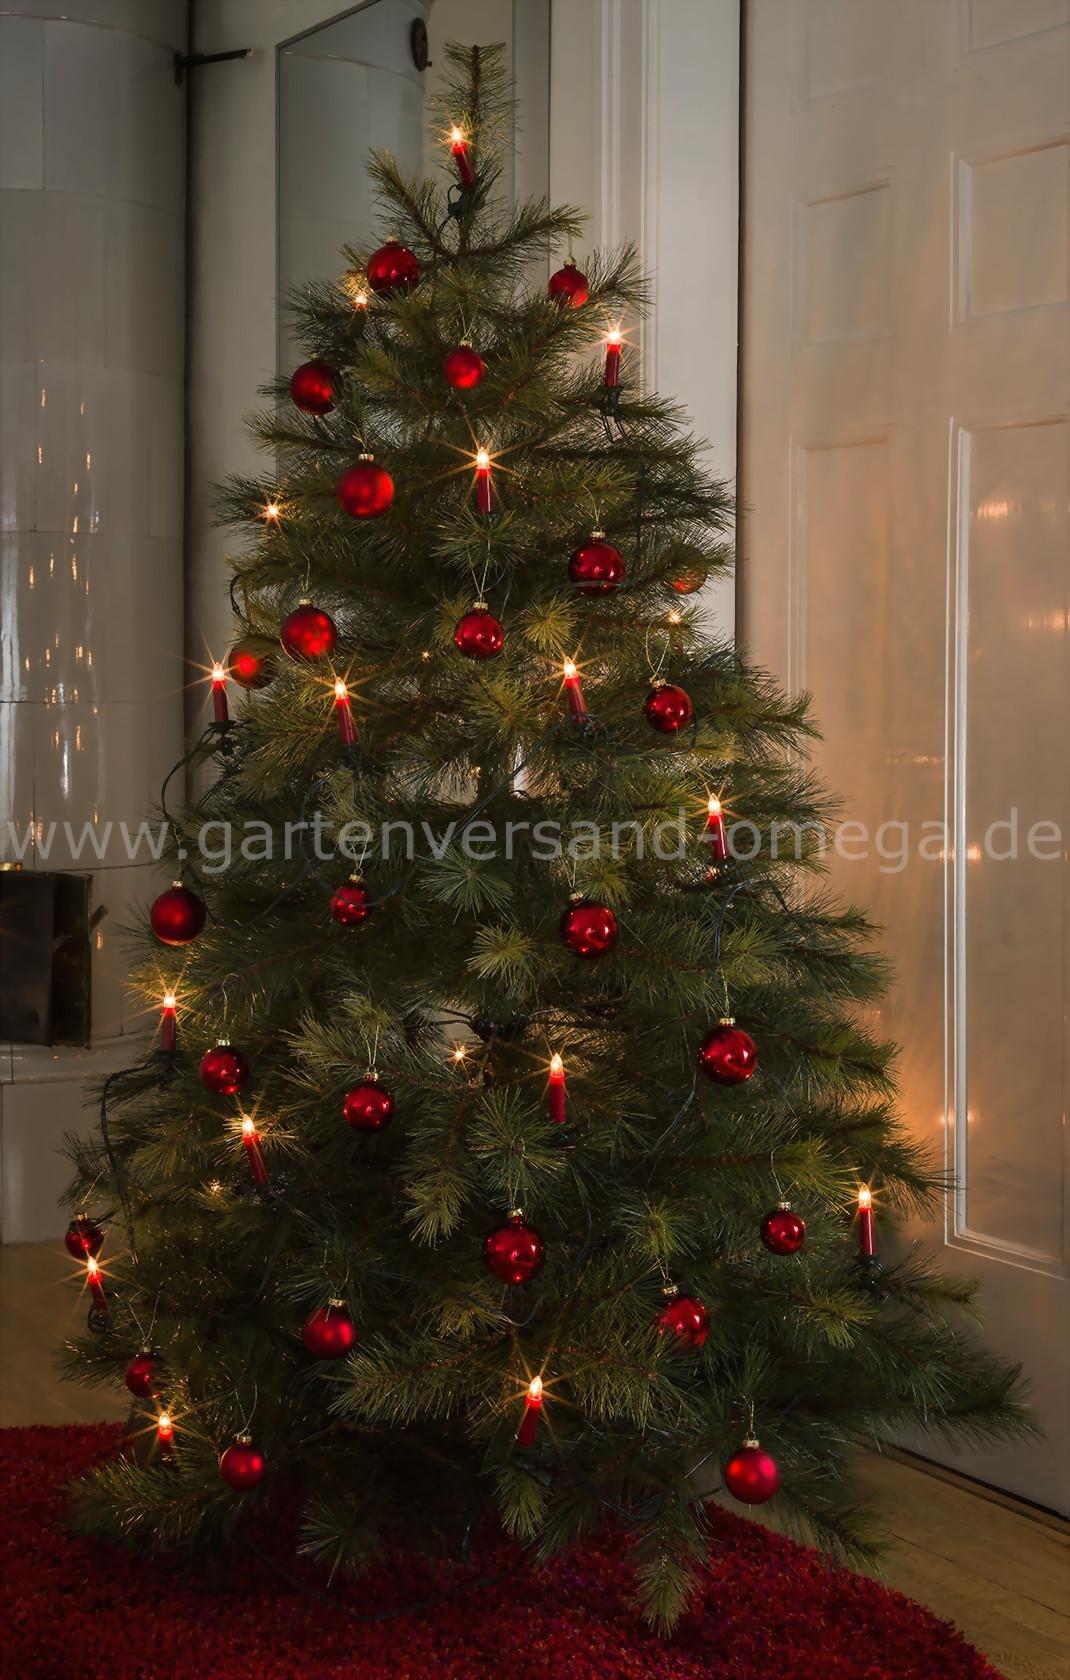 Weihnachtsbaum in rot geschmuckt